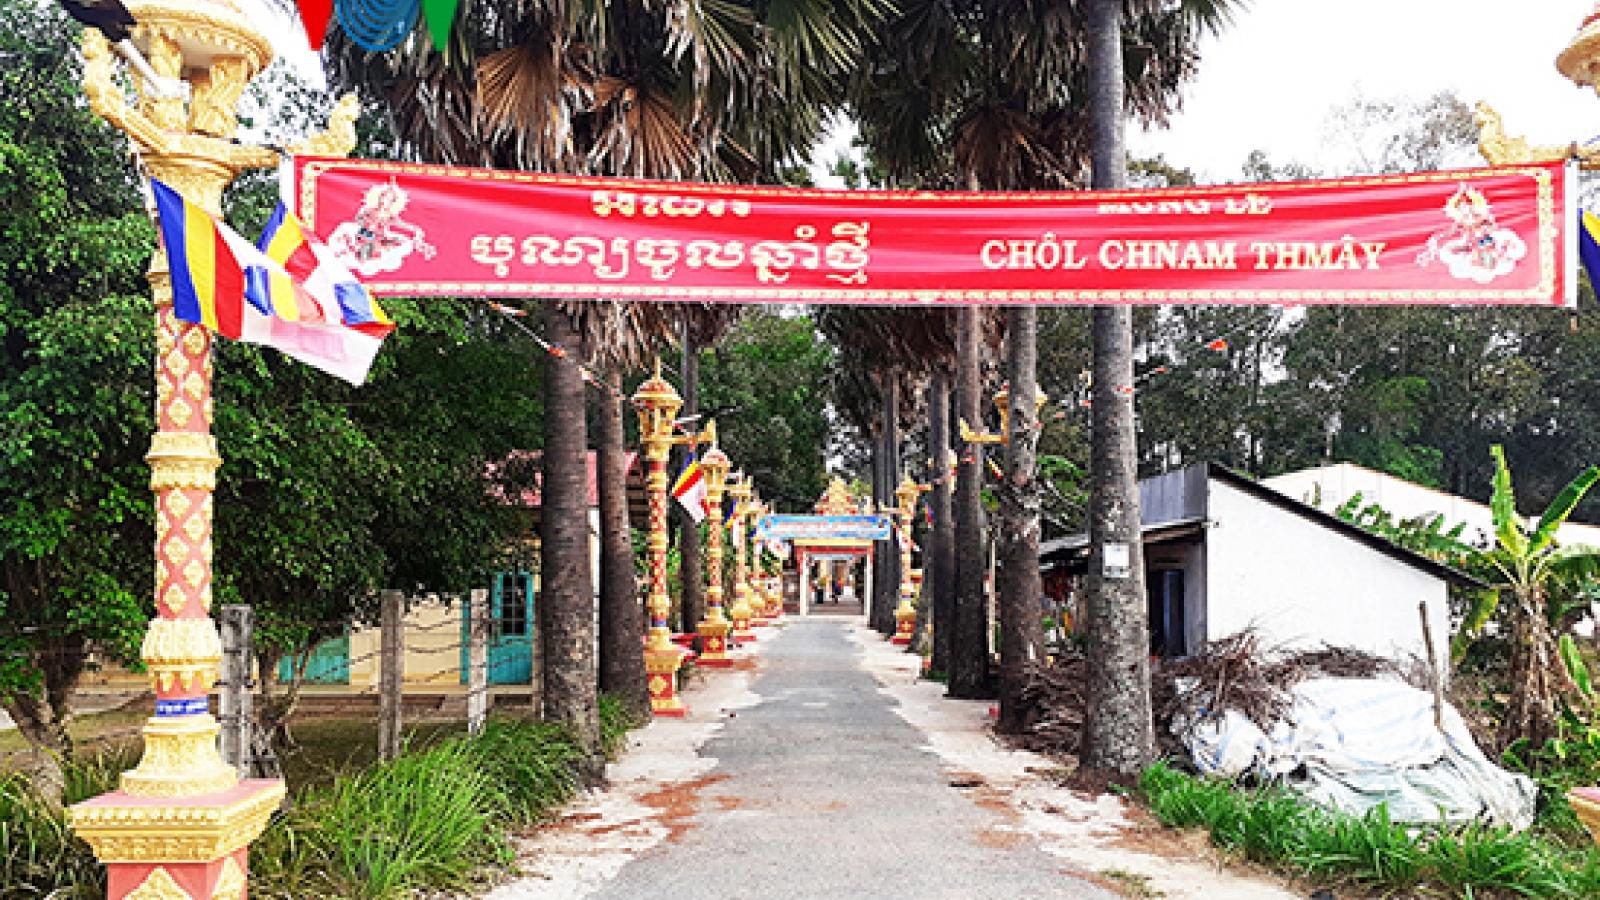 Thủ tướng Phạm Minh Chính chúc mừng đồng bào Khmer dịp Tết Chôl Chnăm Thmây